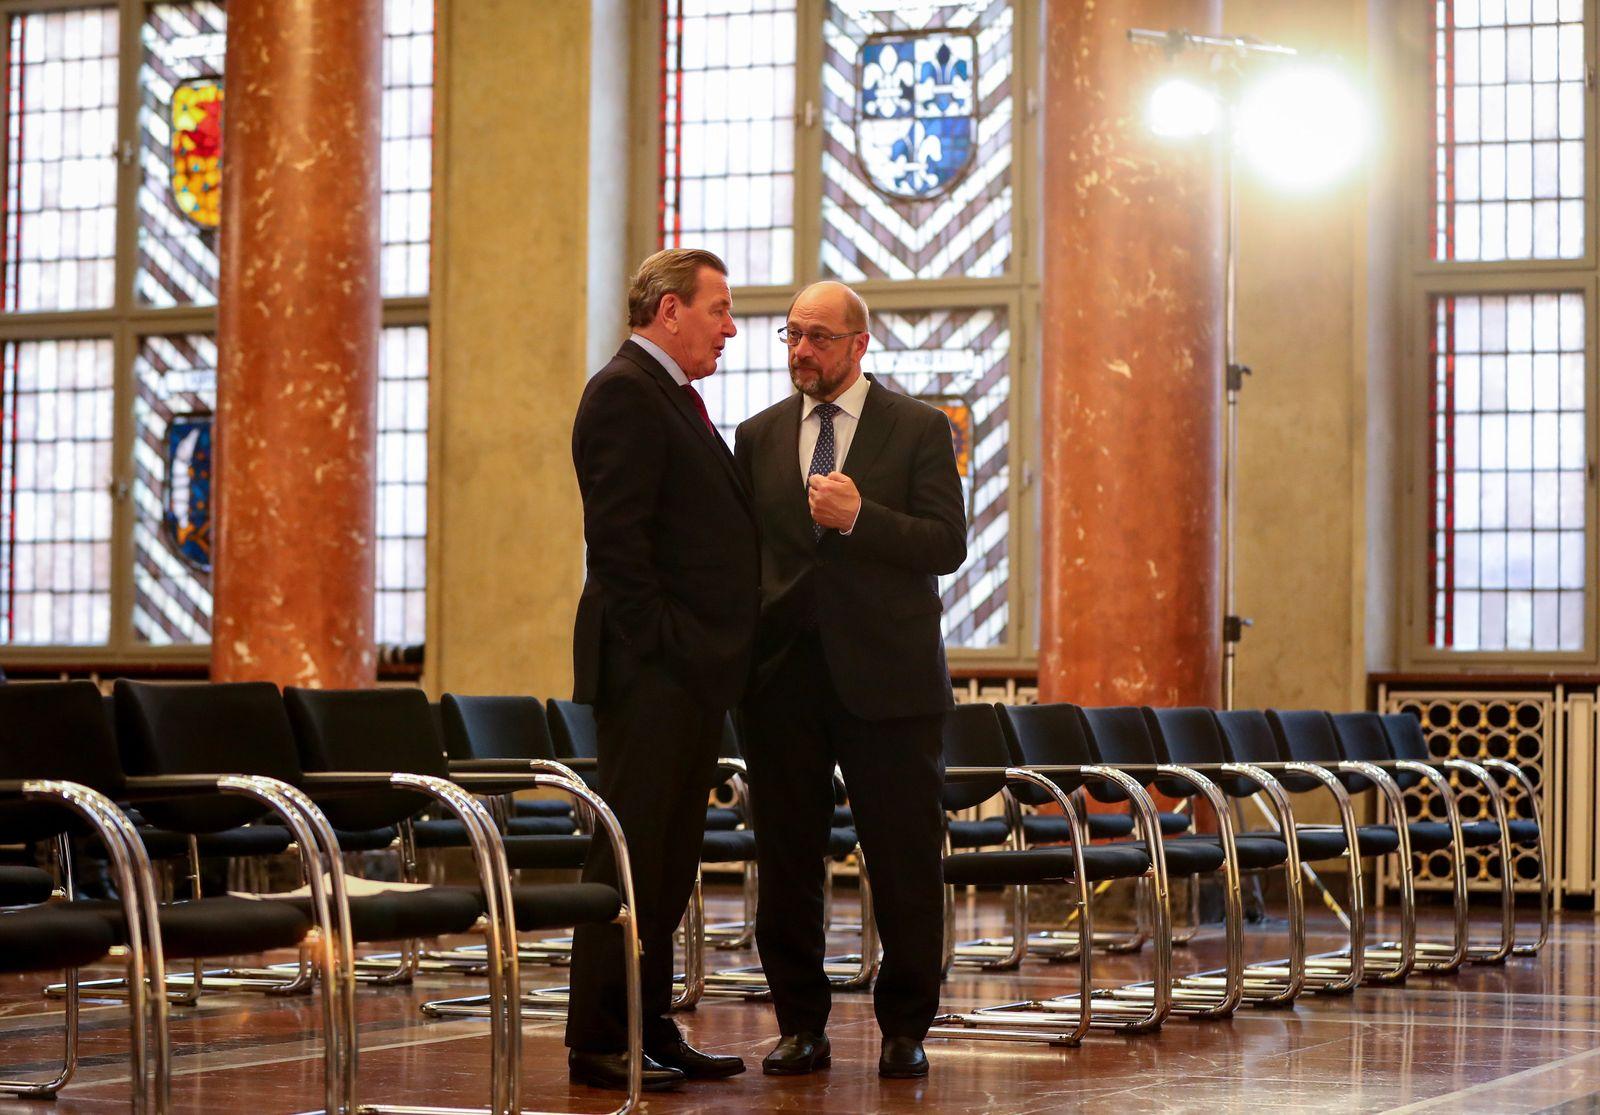 Gerhard Schröder / Martin Schulz